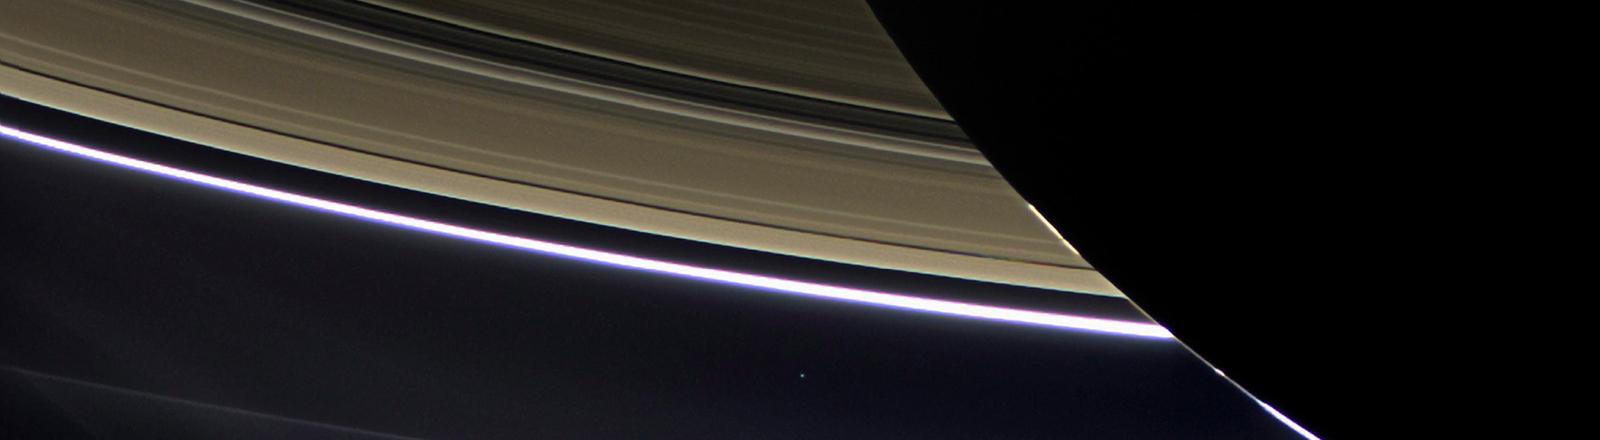 Das Bild zeigt den Saturn mit seinen Ringen.